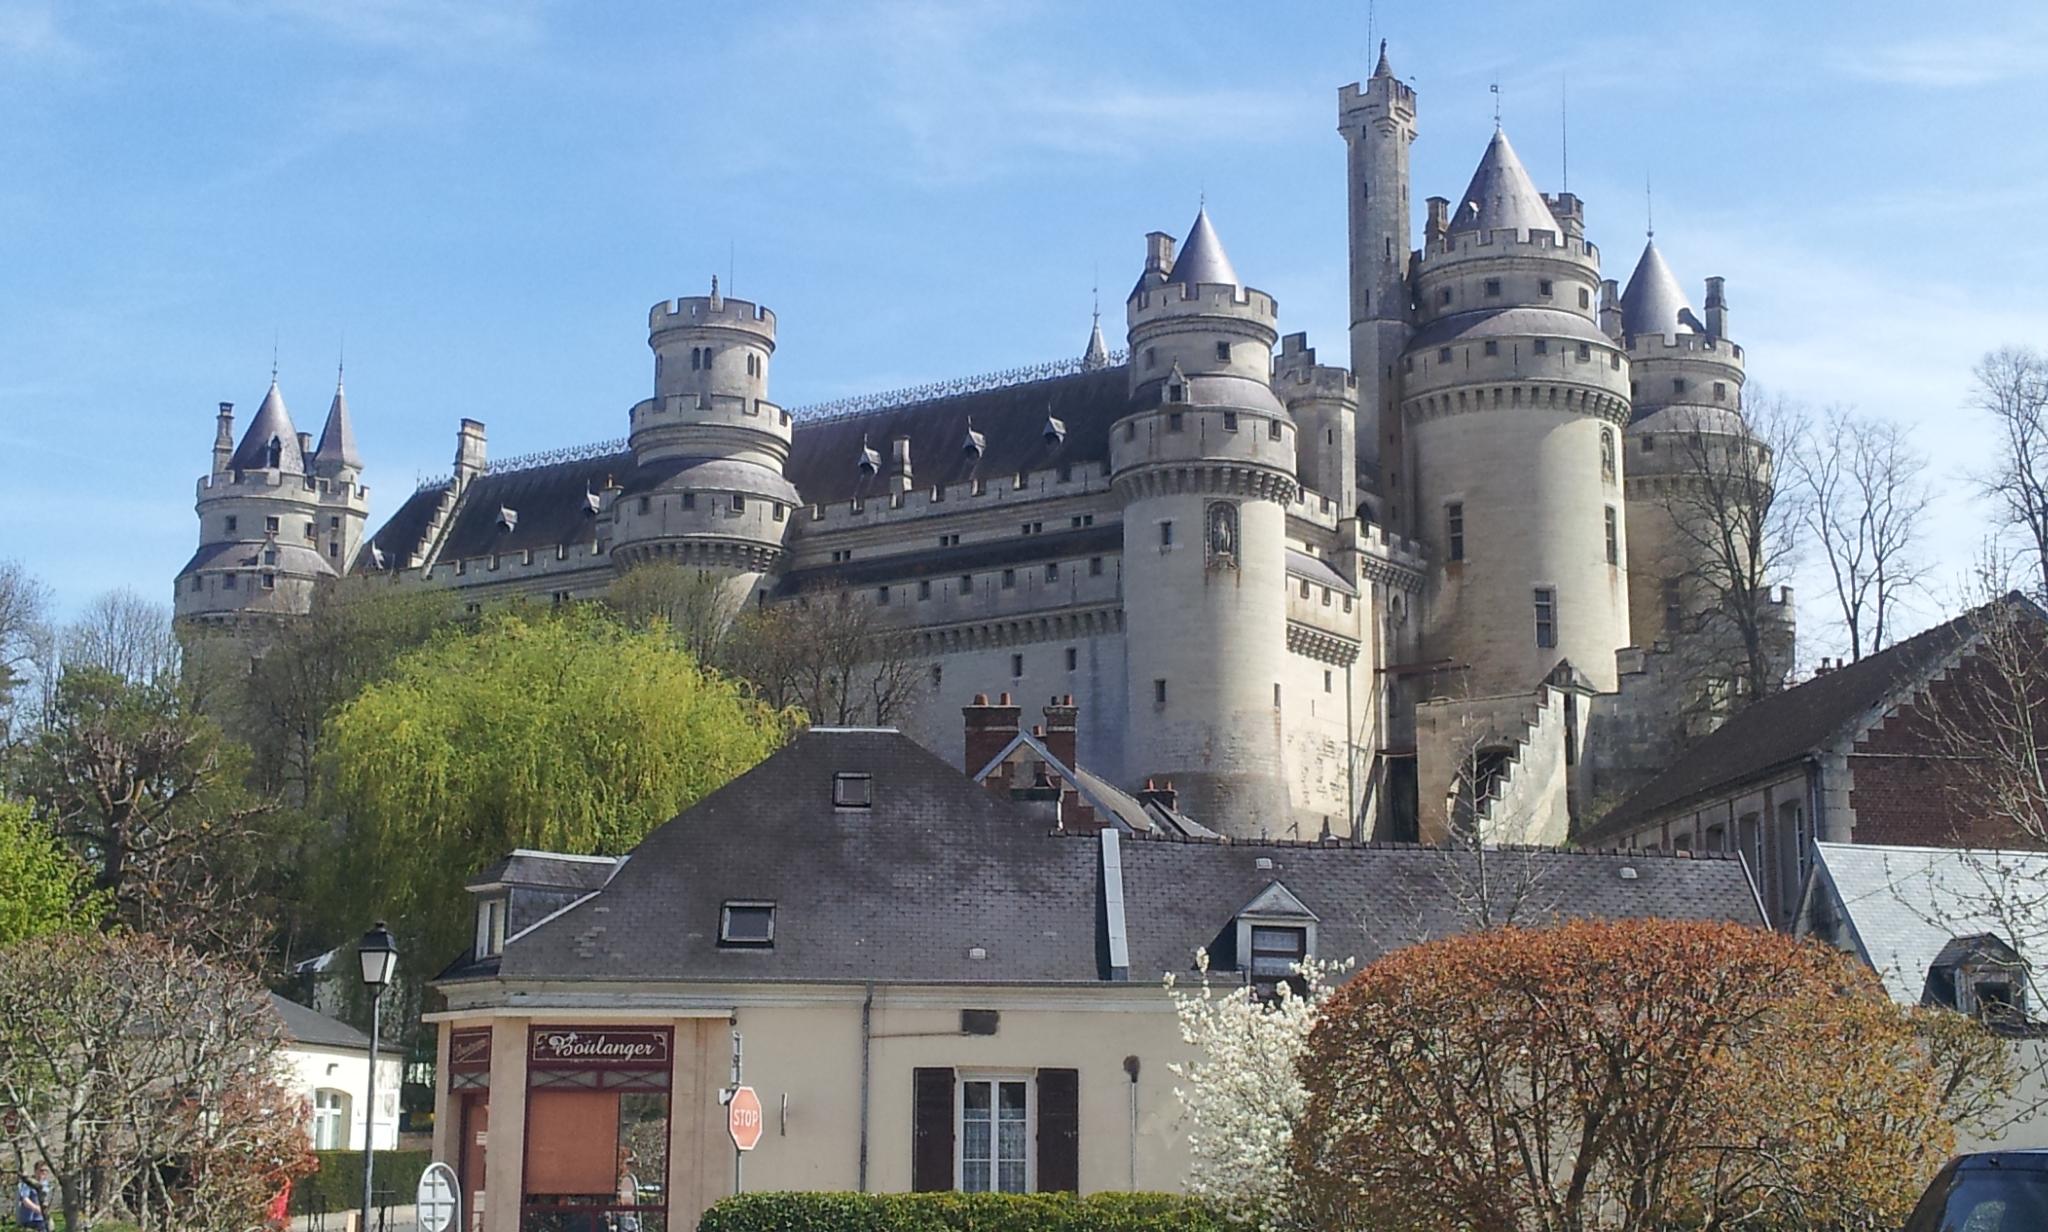 Le château de Pierrefonds domine ce petite village de l'Oise